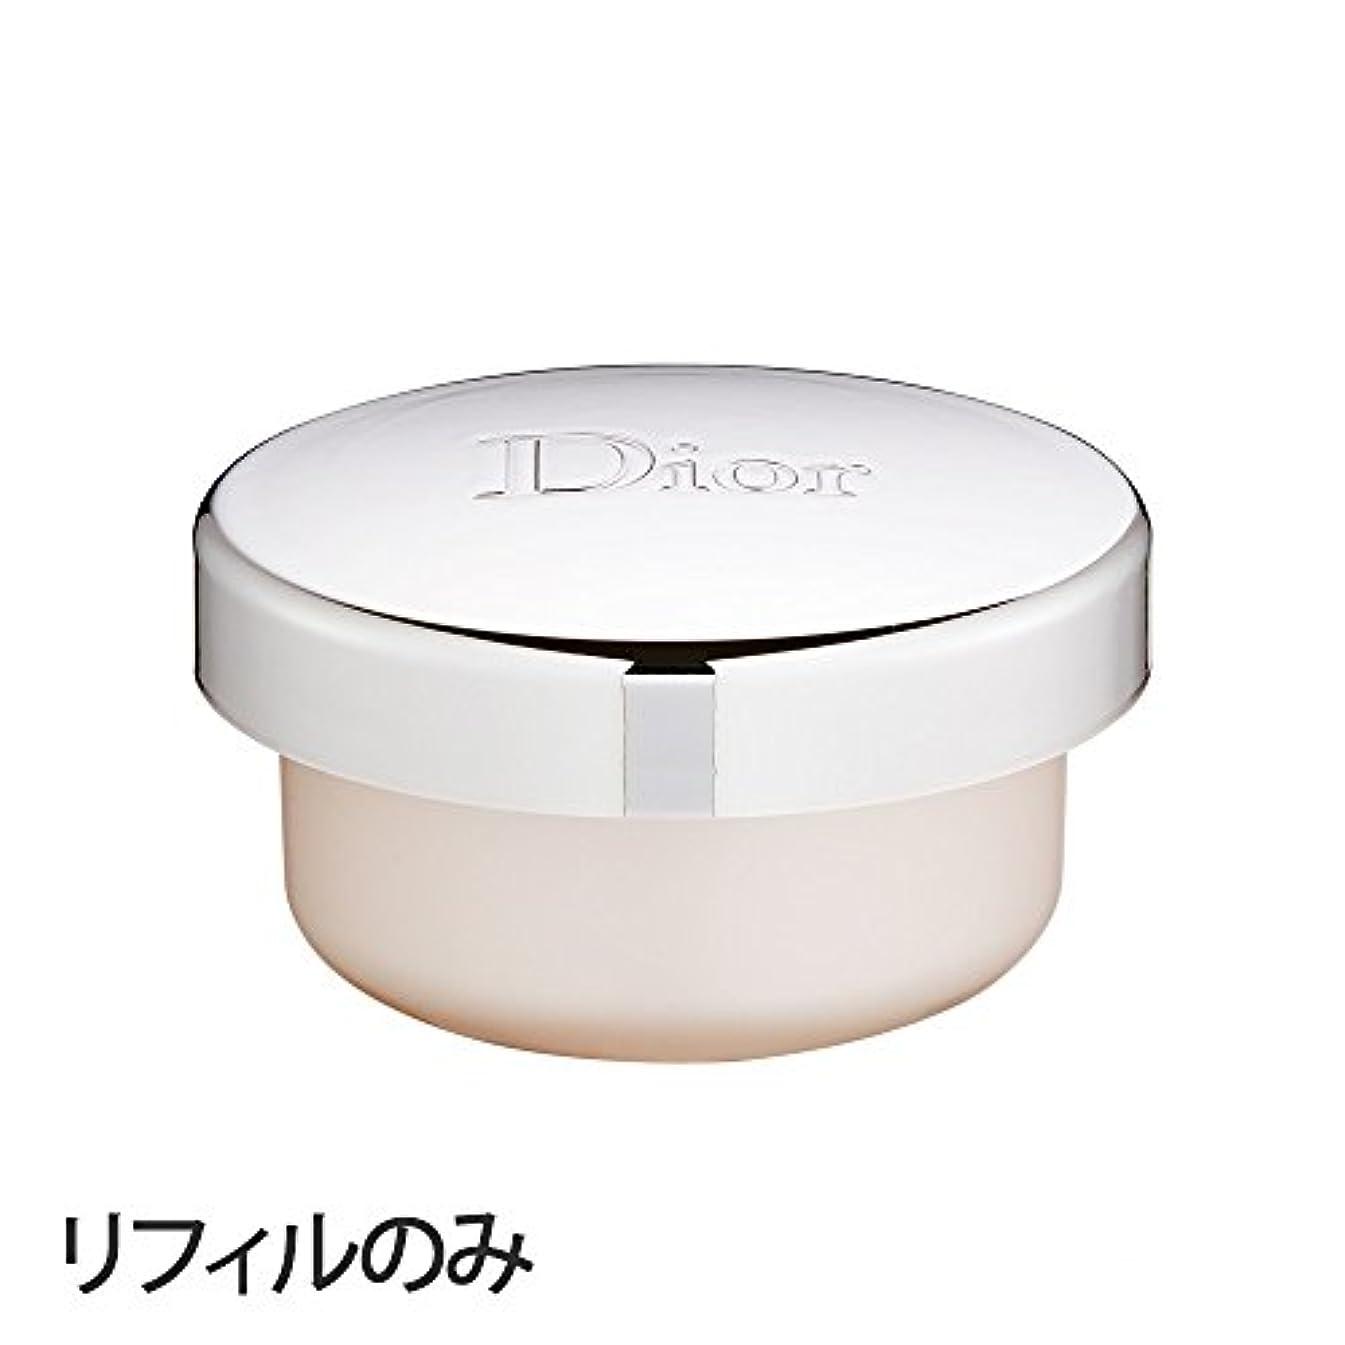 不均一しみ雄大なディオール(Dior) 【リフォルのみ】カプチュール トータル クリーム [並行輸入品]